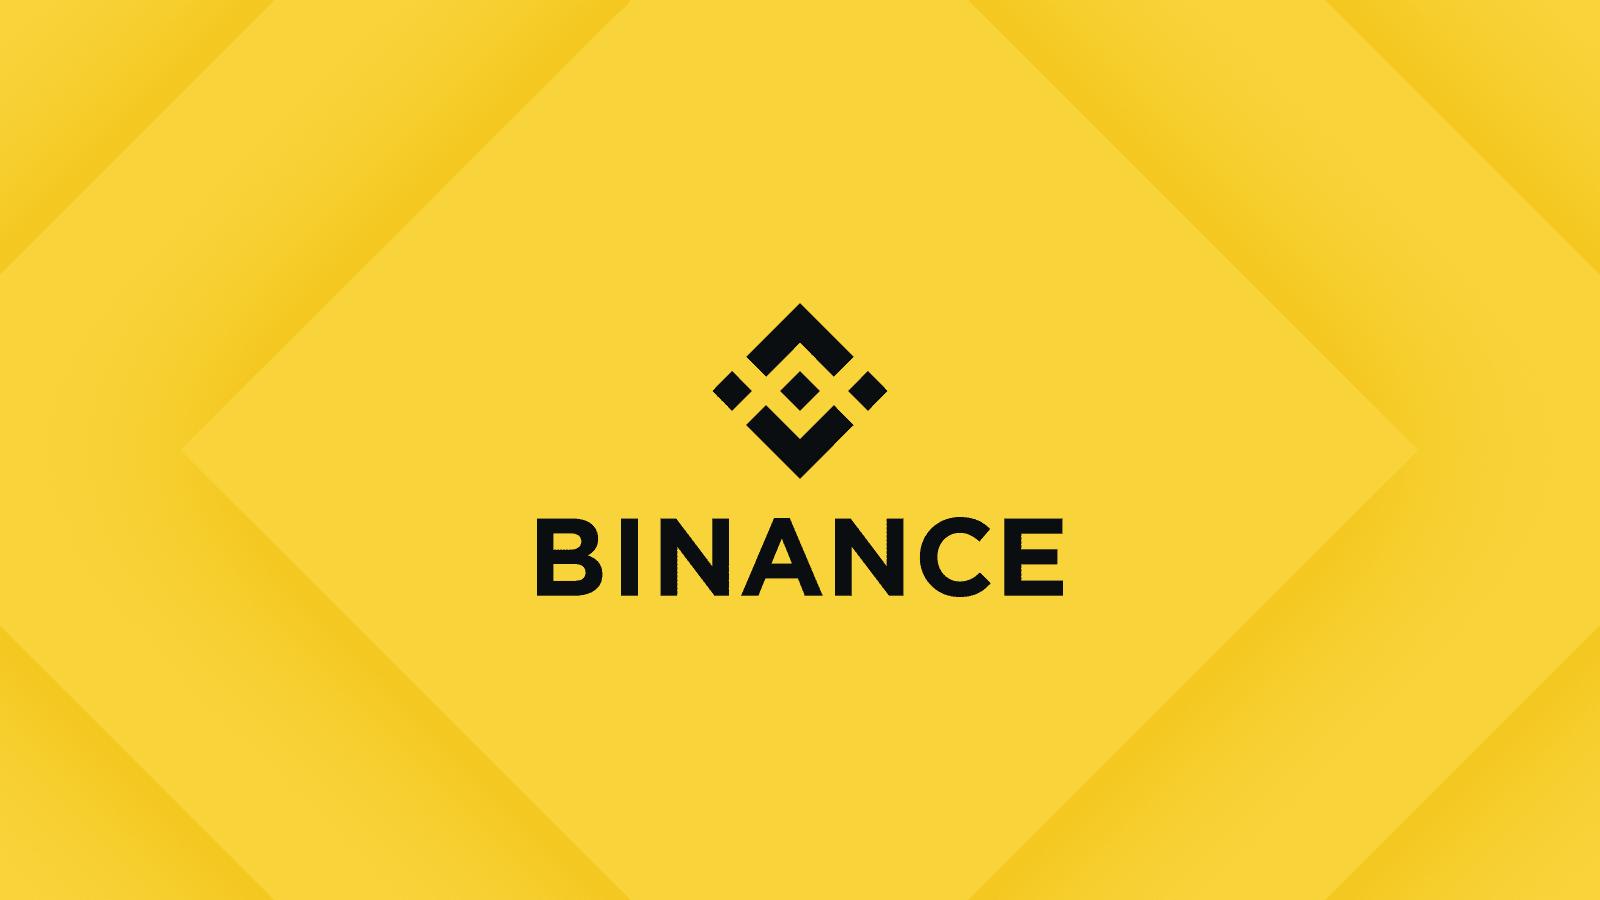 Гонения на Binance не лишили ее статуса крупнейшей криптобиржи